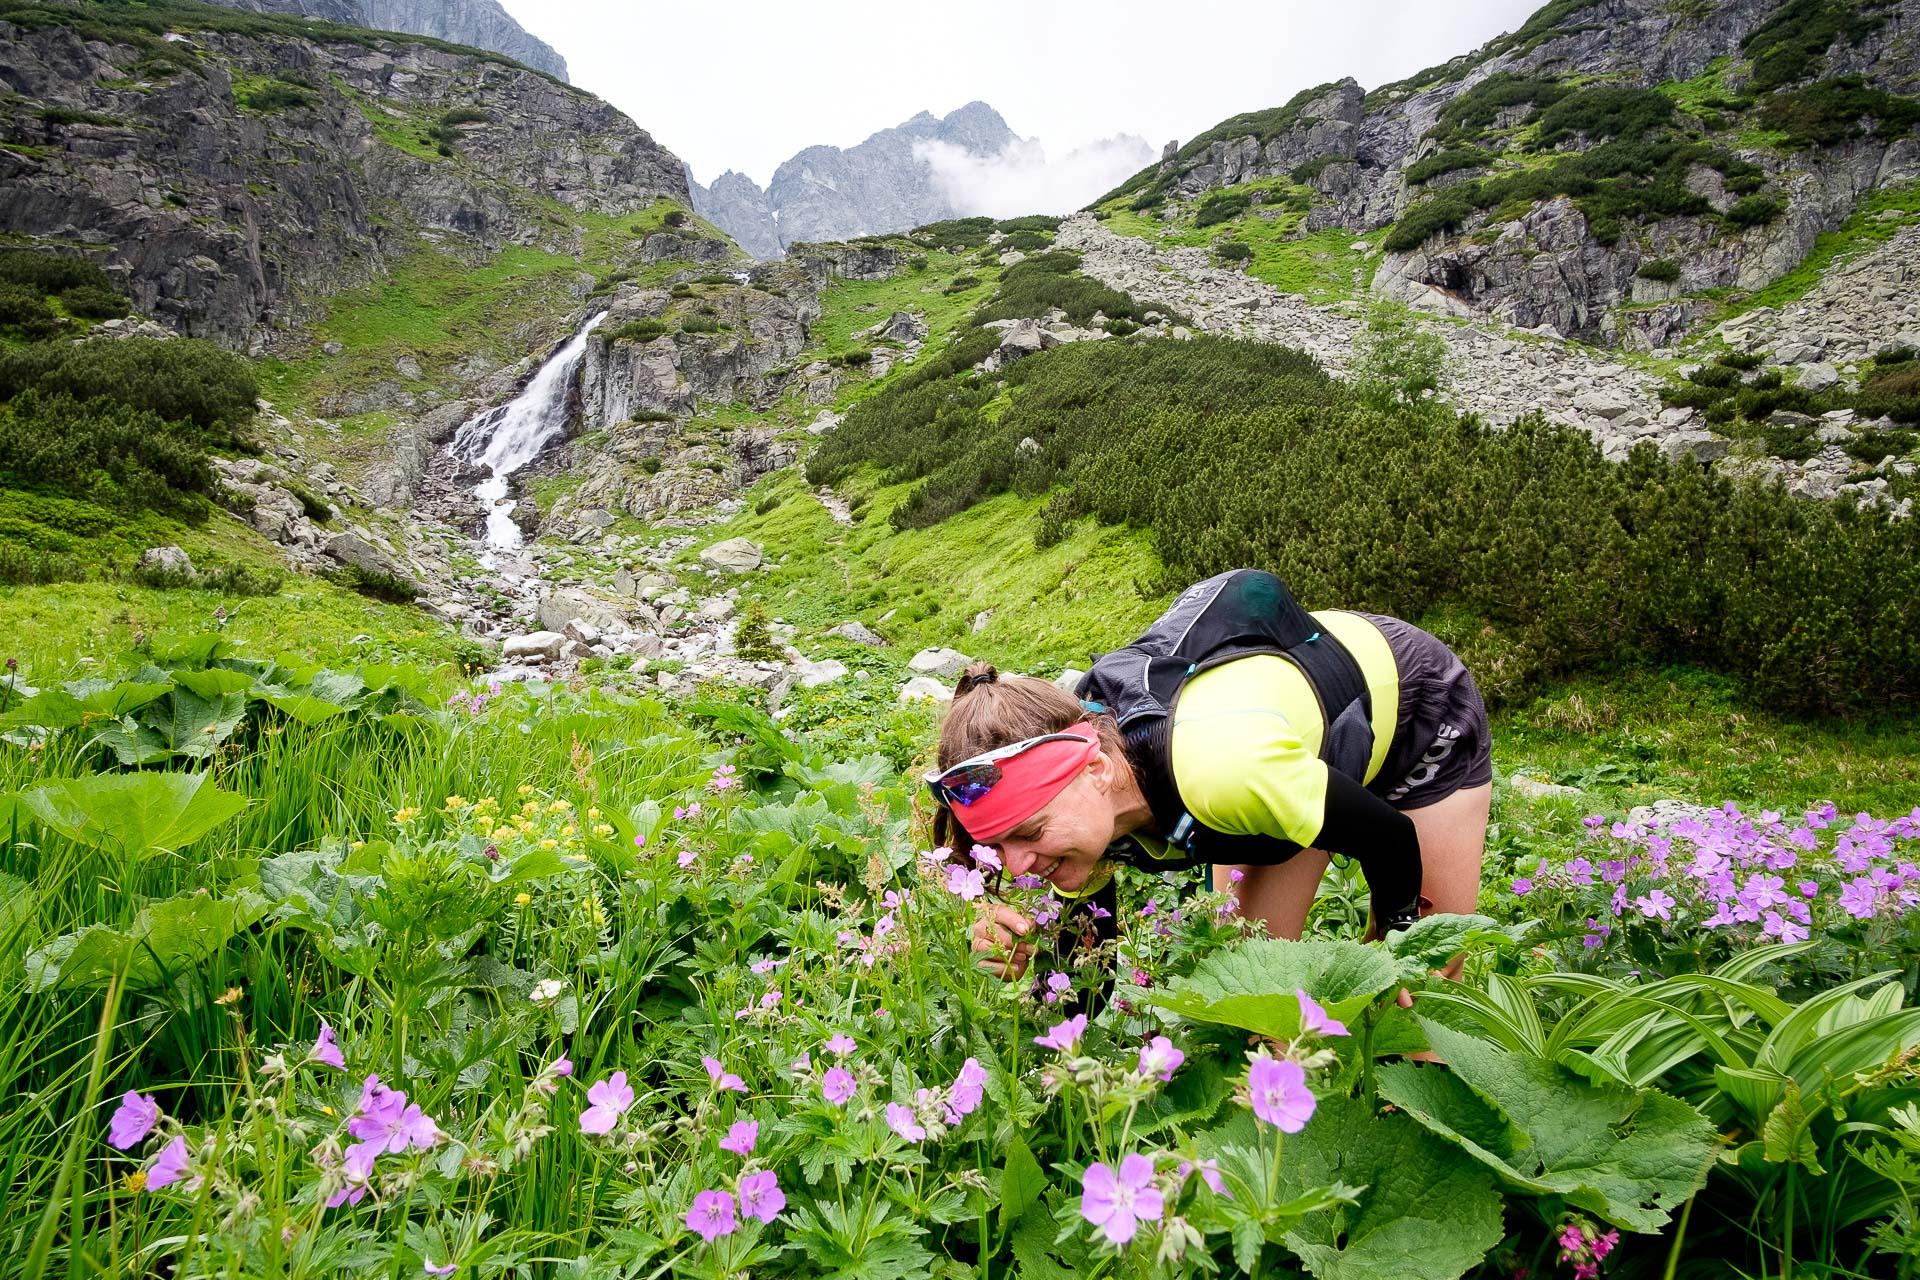 Kamizelka biegowa CamelBak Ulra Pro Vest. Dolina Ciężka, Tatry Wysokie